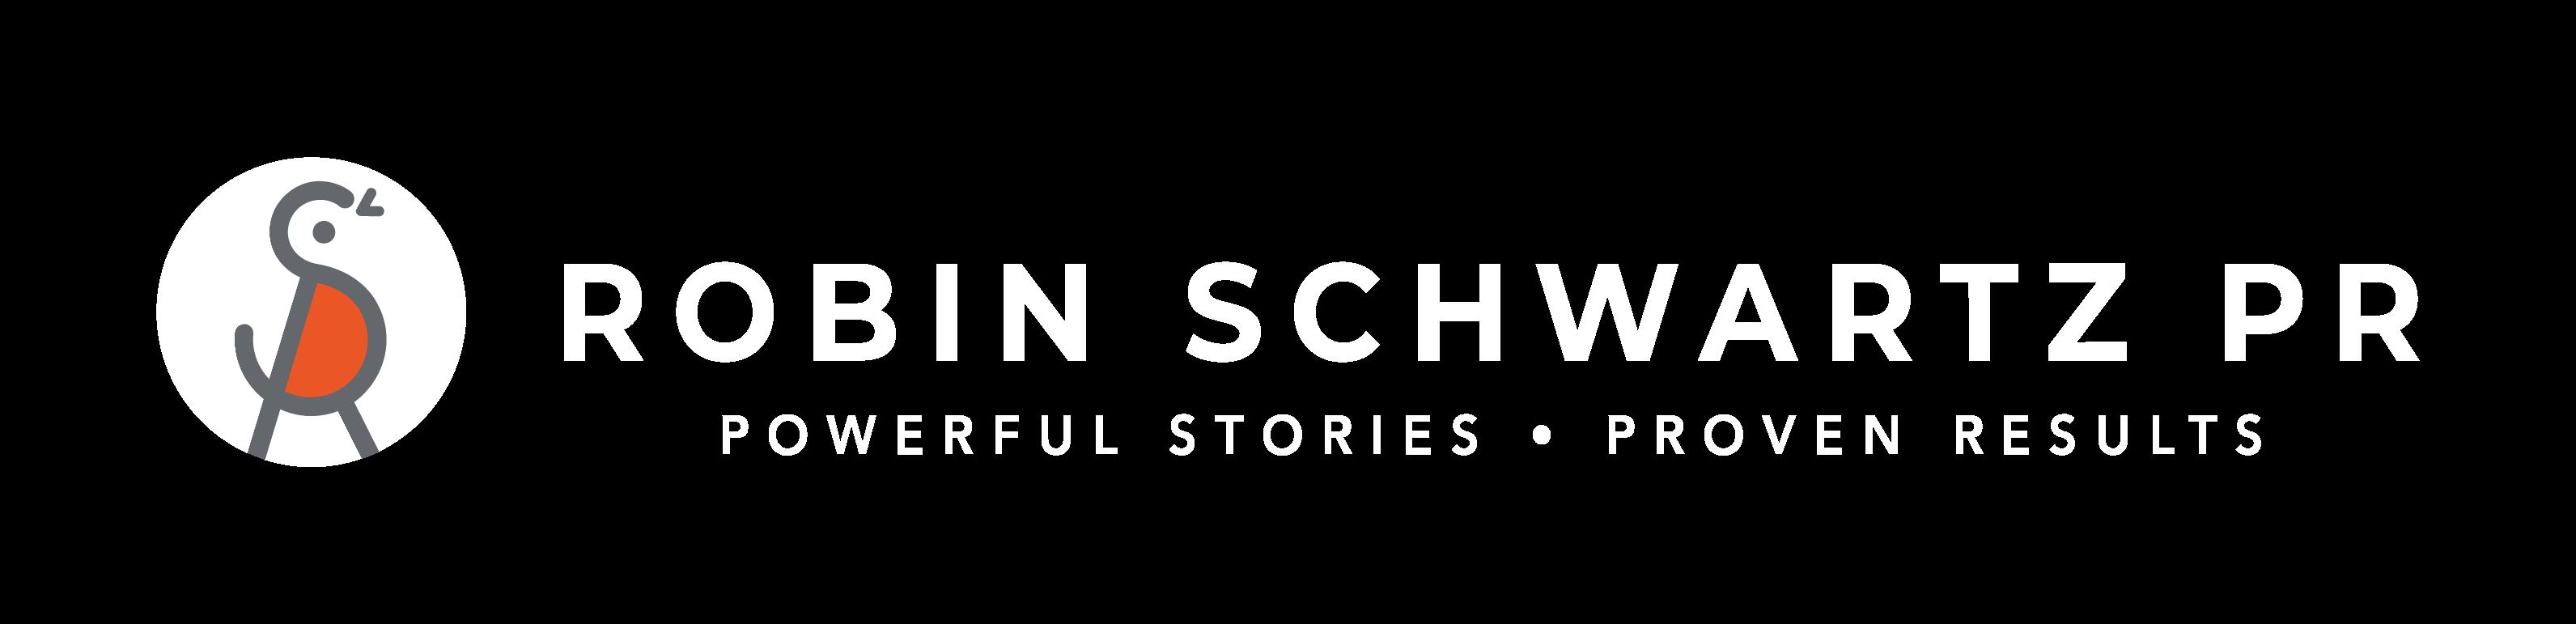 Robin Schwartz PR